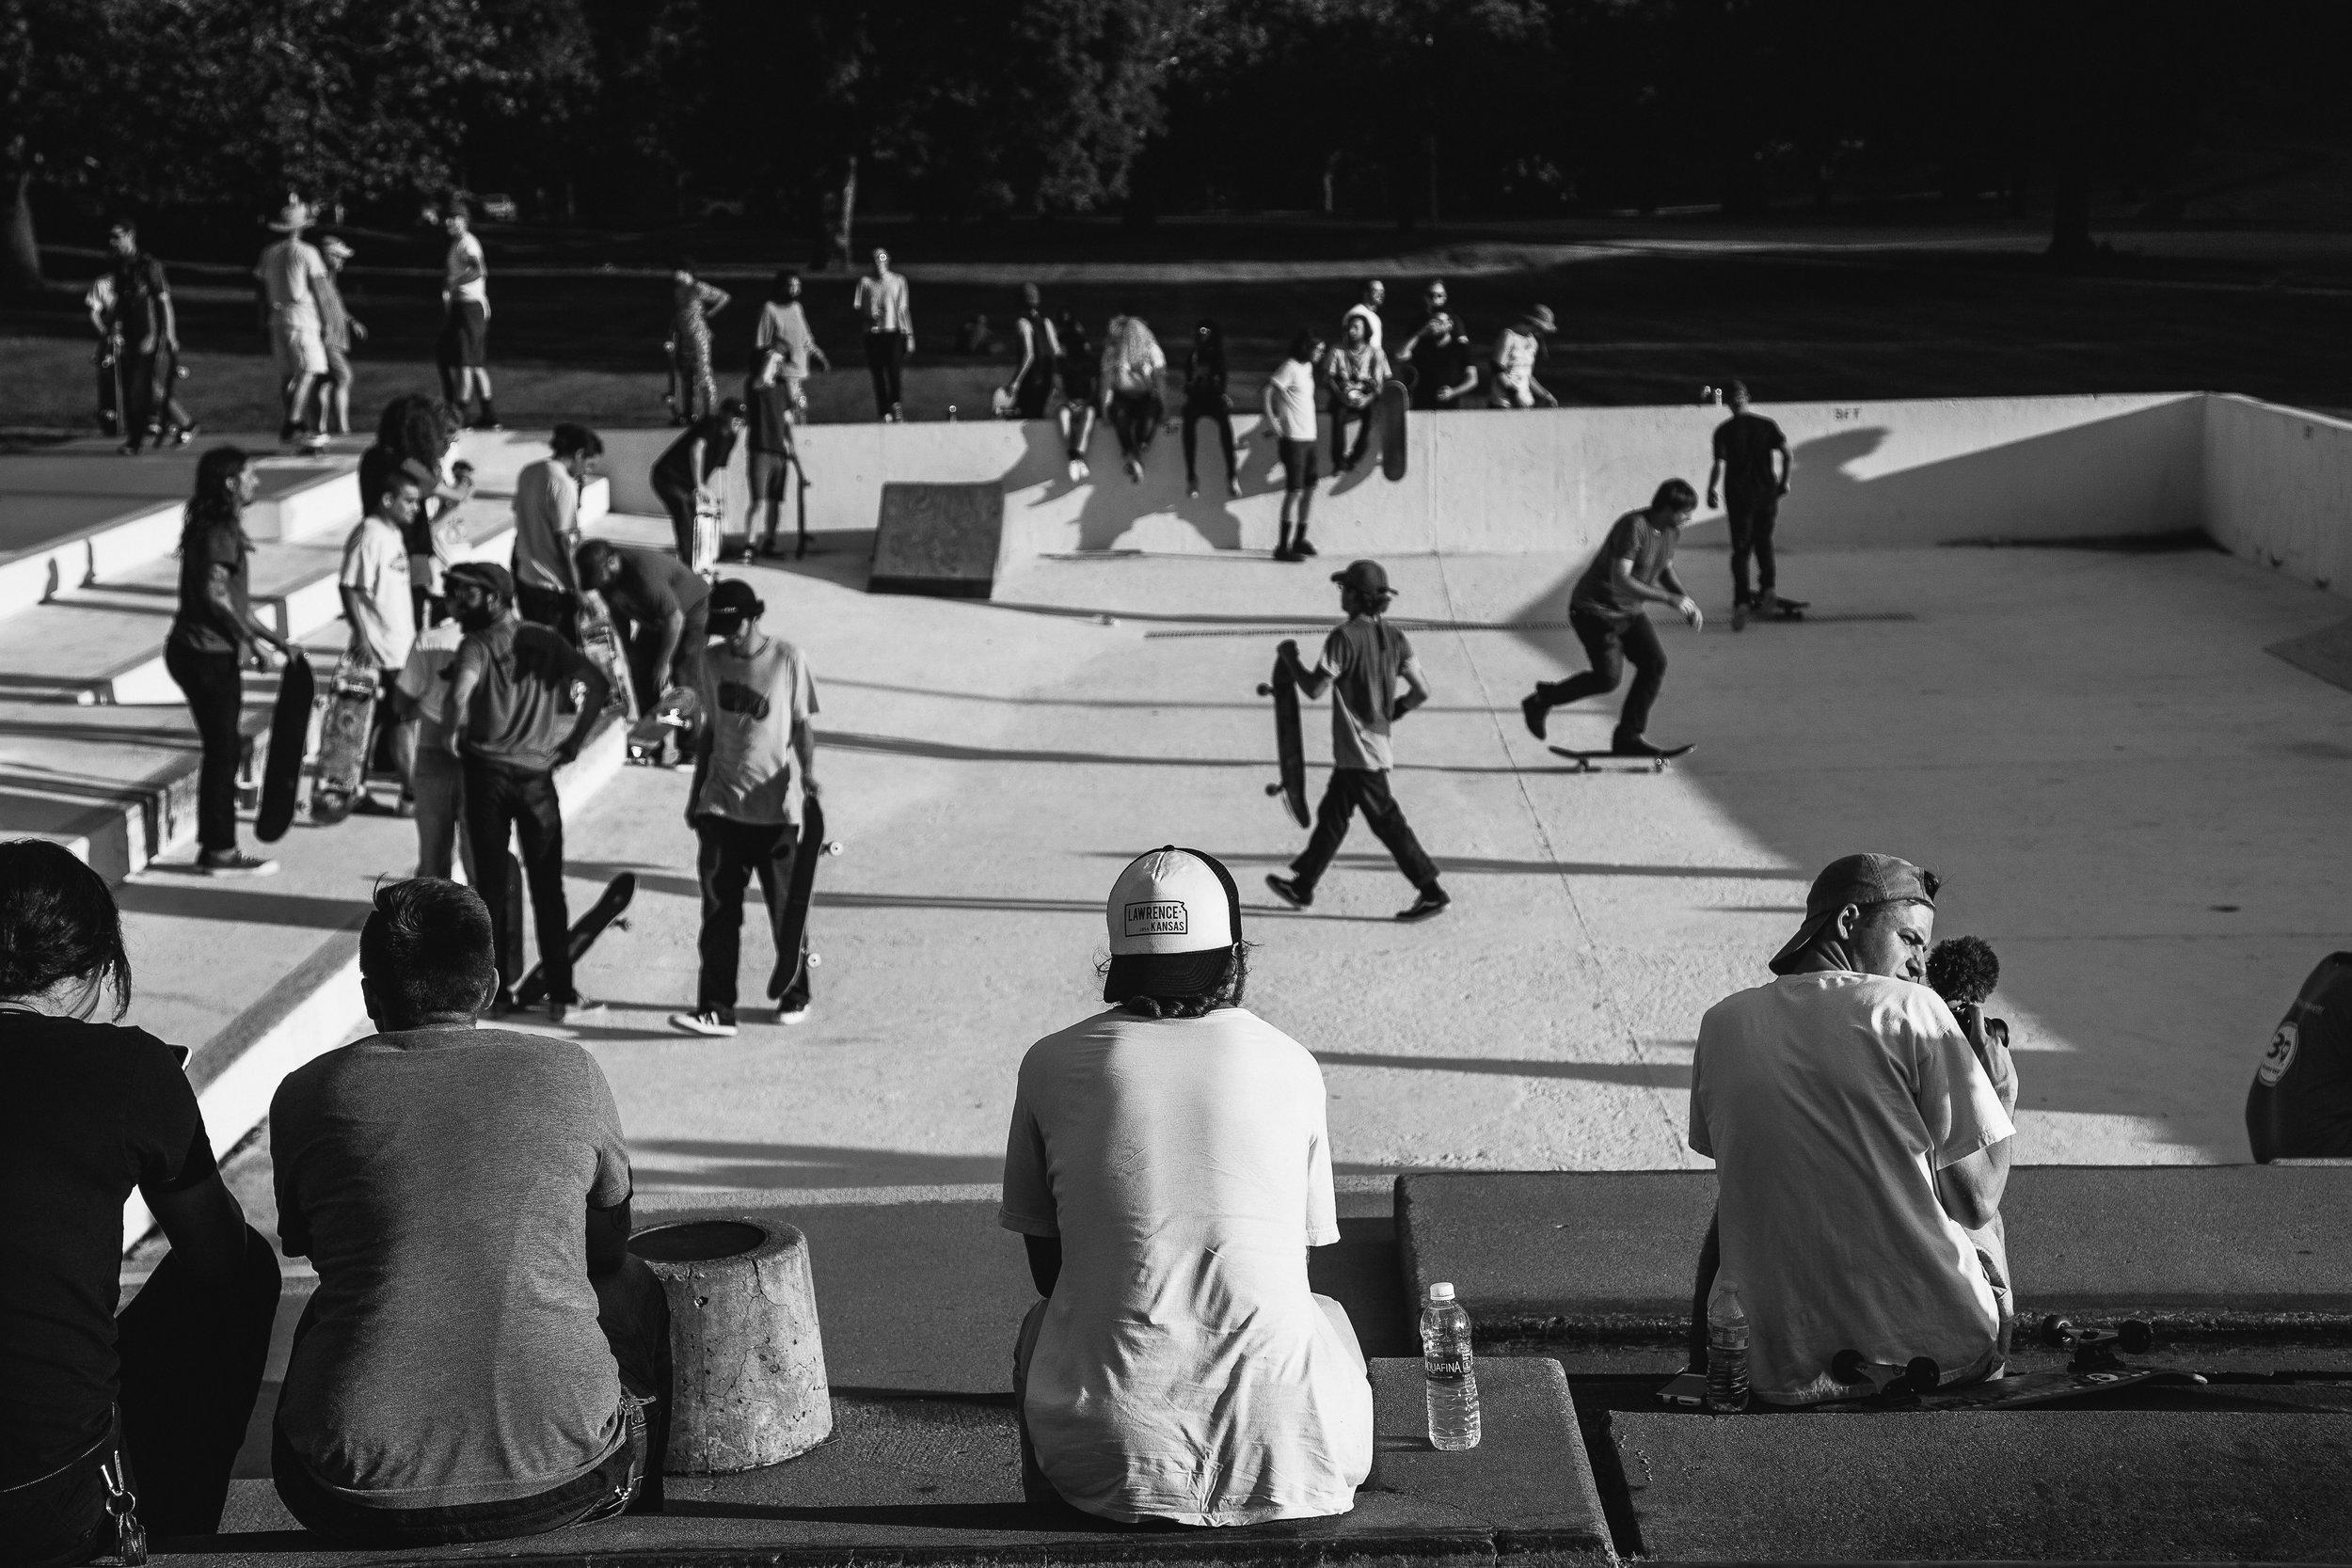 Go Skateboarding Day - June '17 - 21.jpg